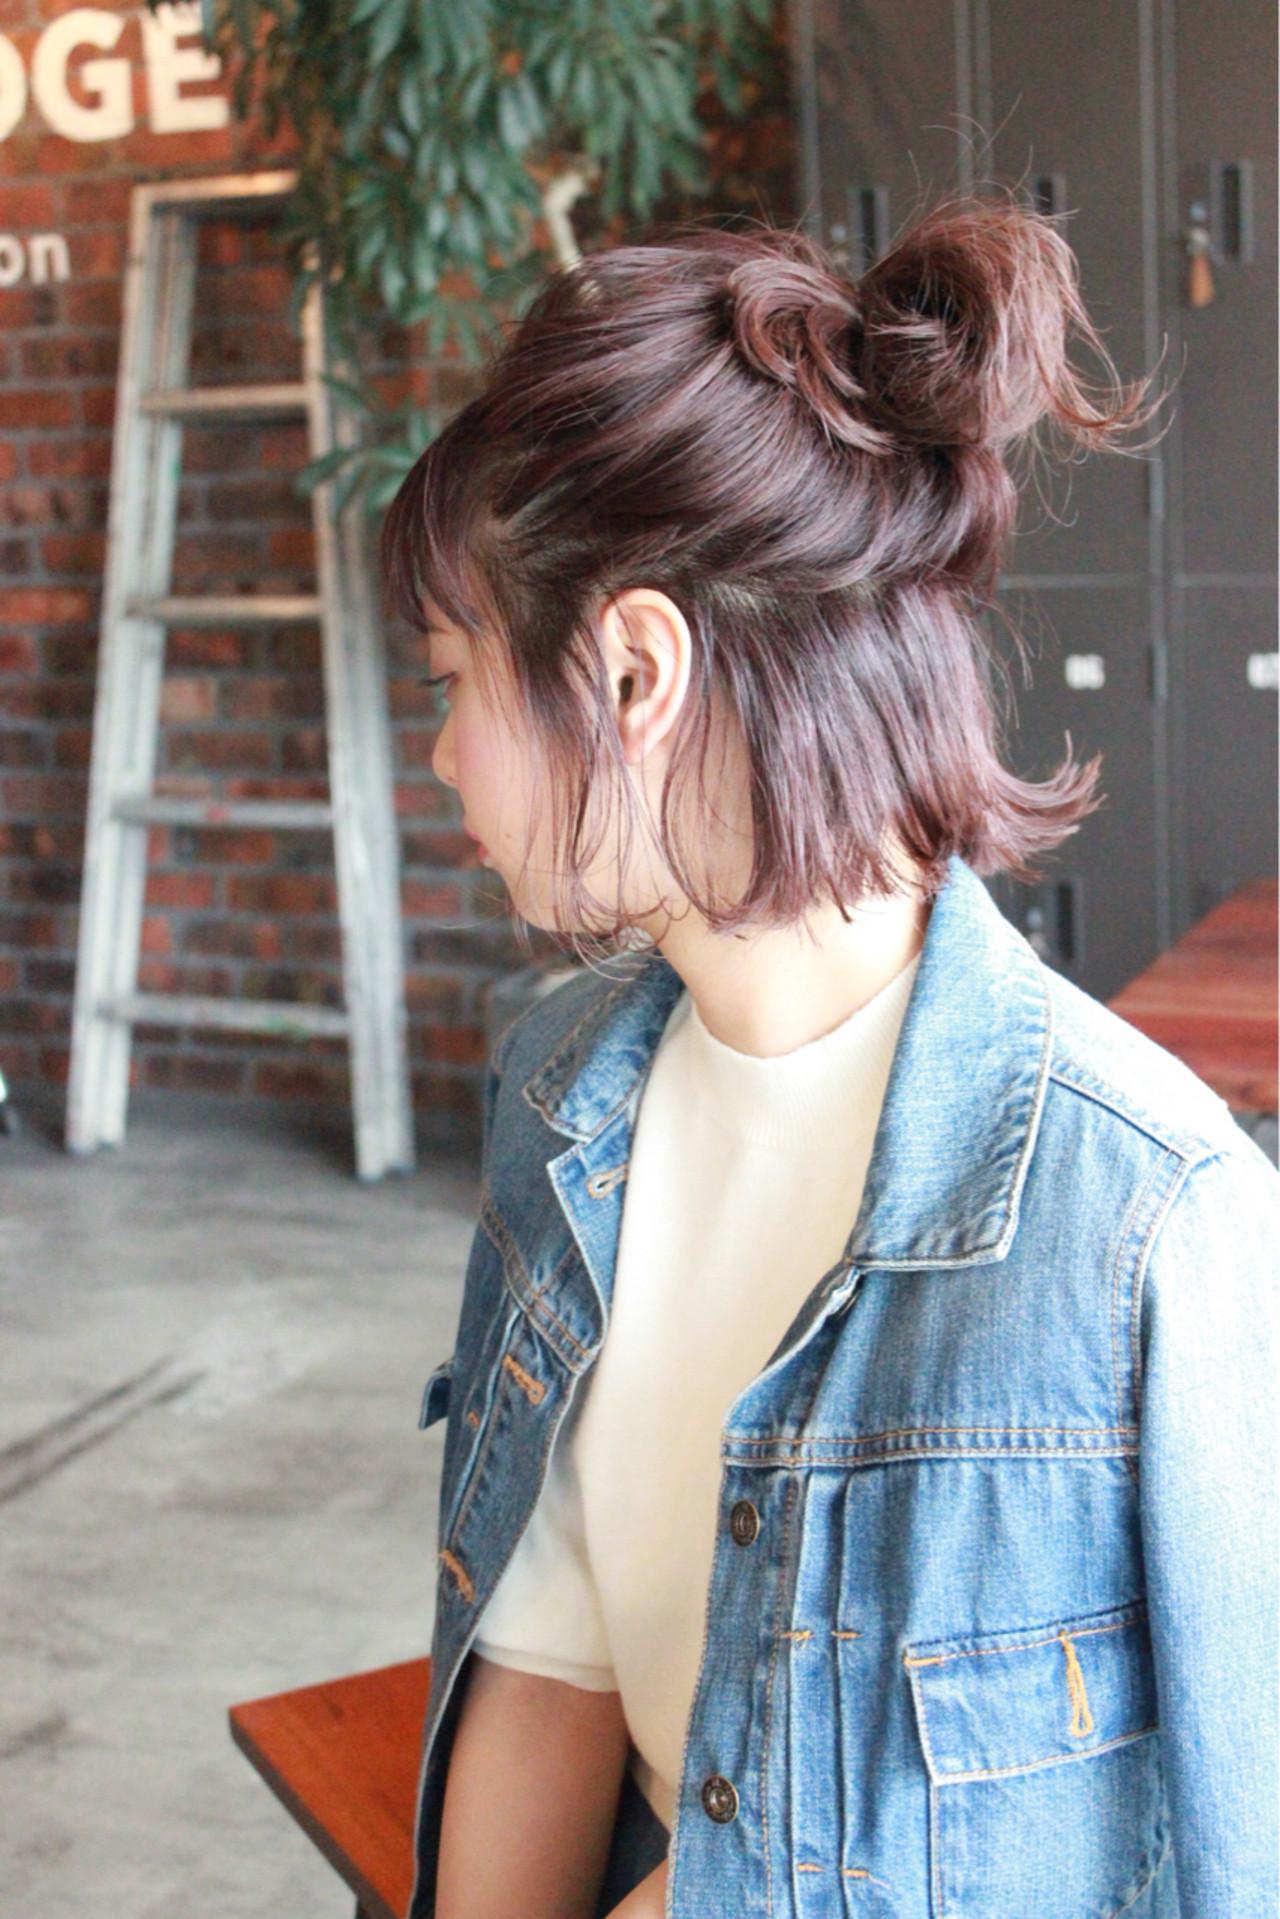 ハーフアップ お団子 簡単ヘアアレンジ ガーリー ヘアスタイルや髪型の写真・画像